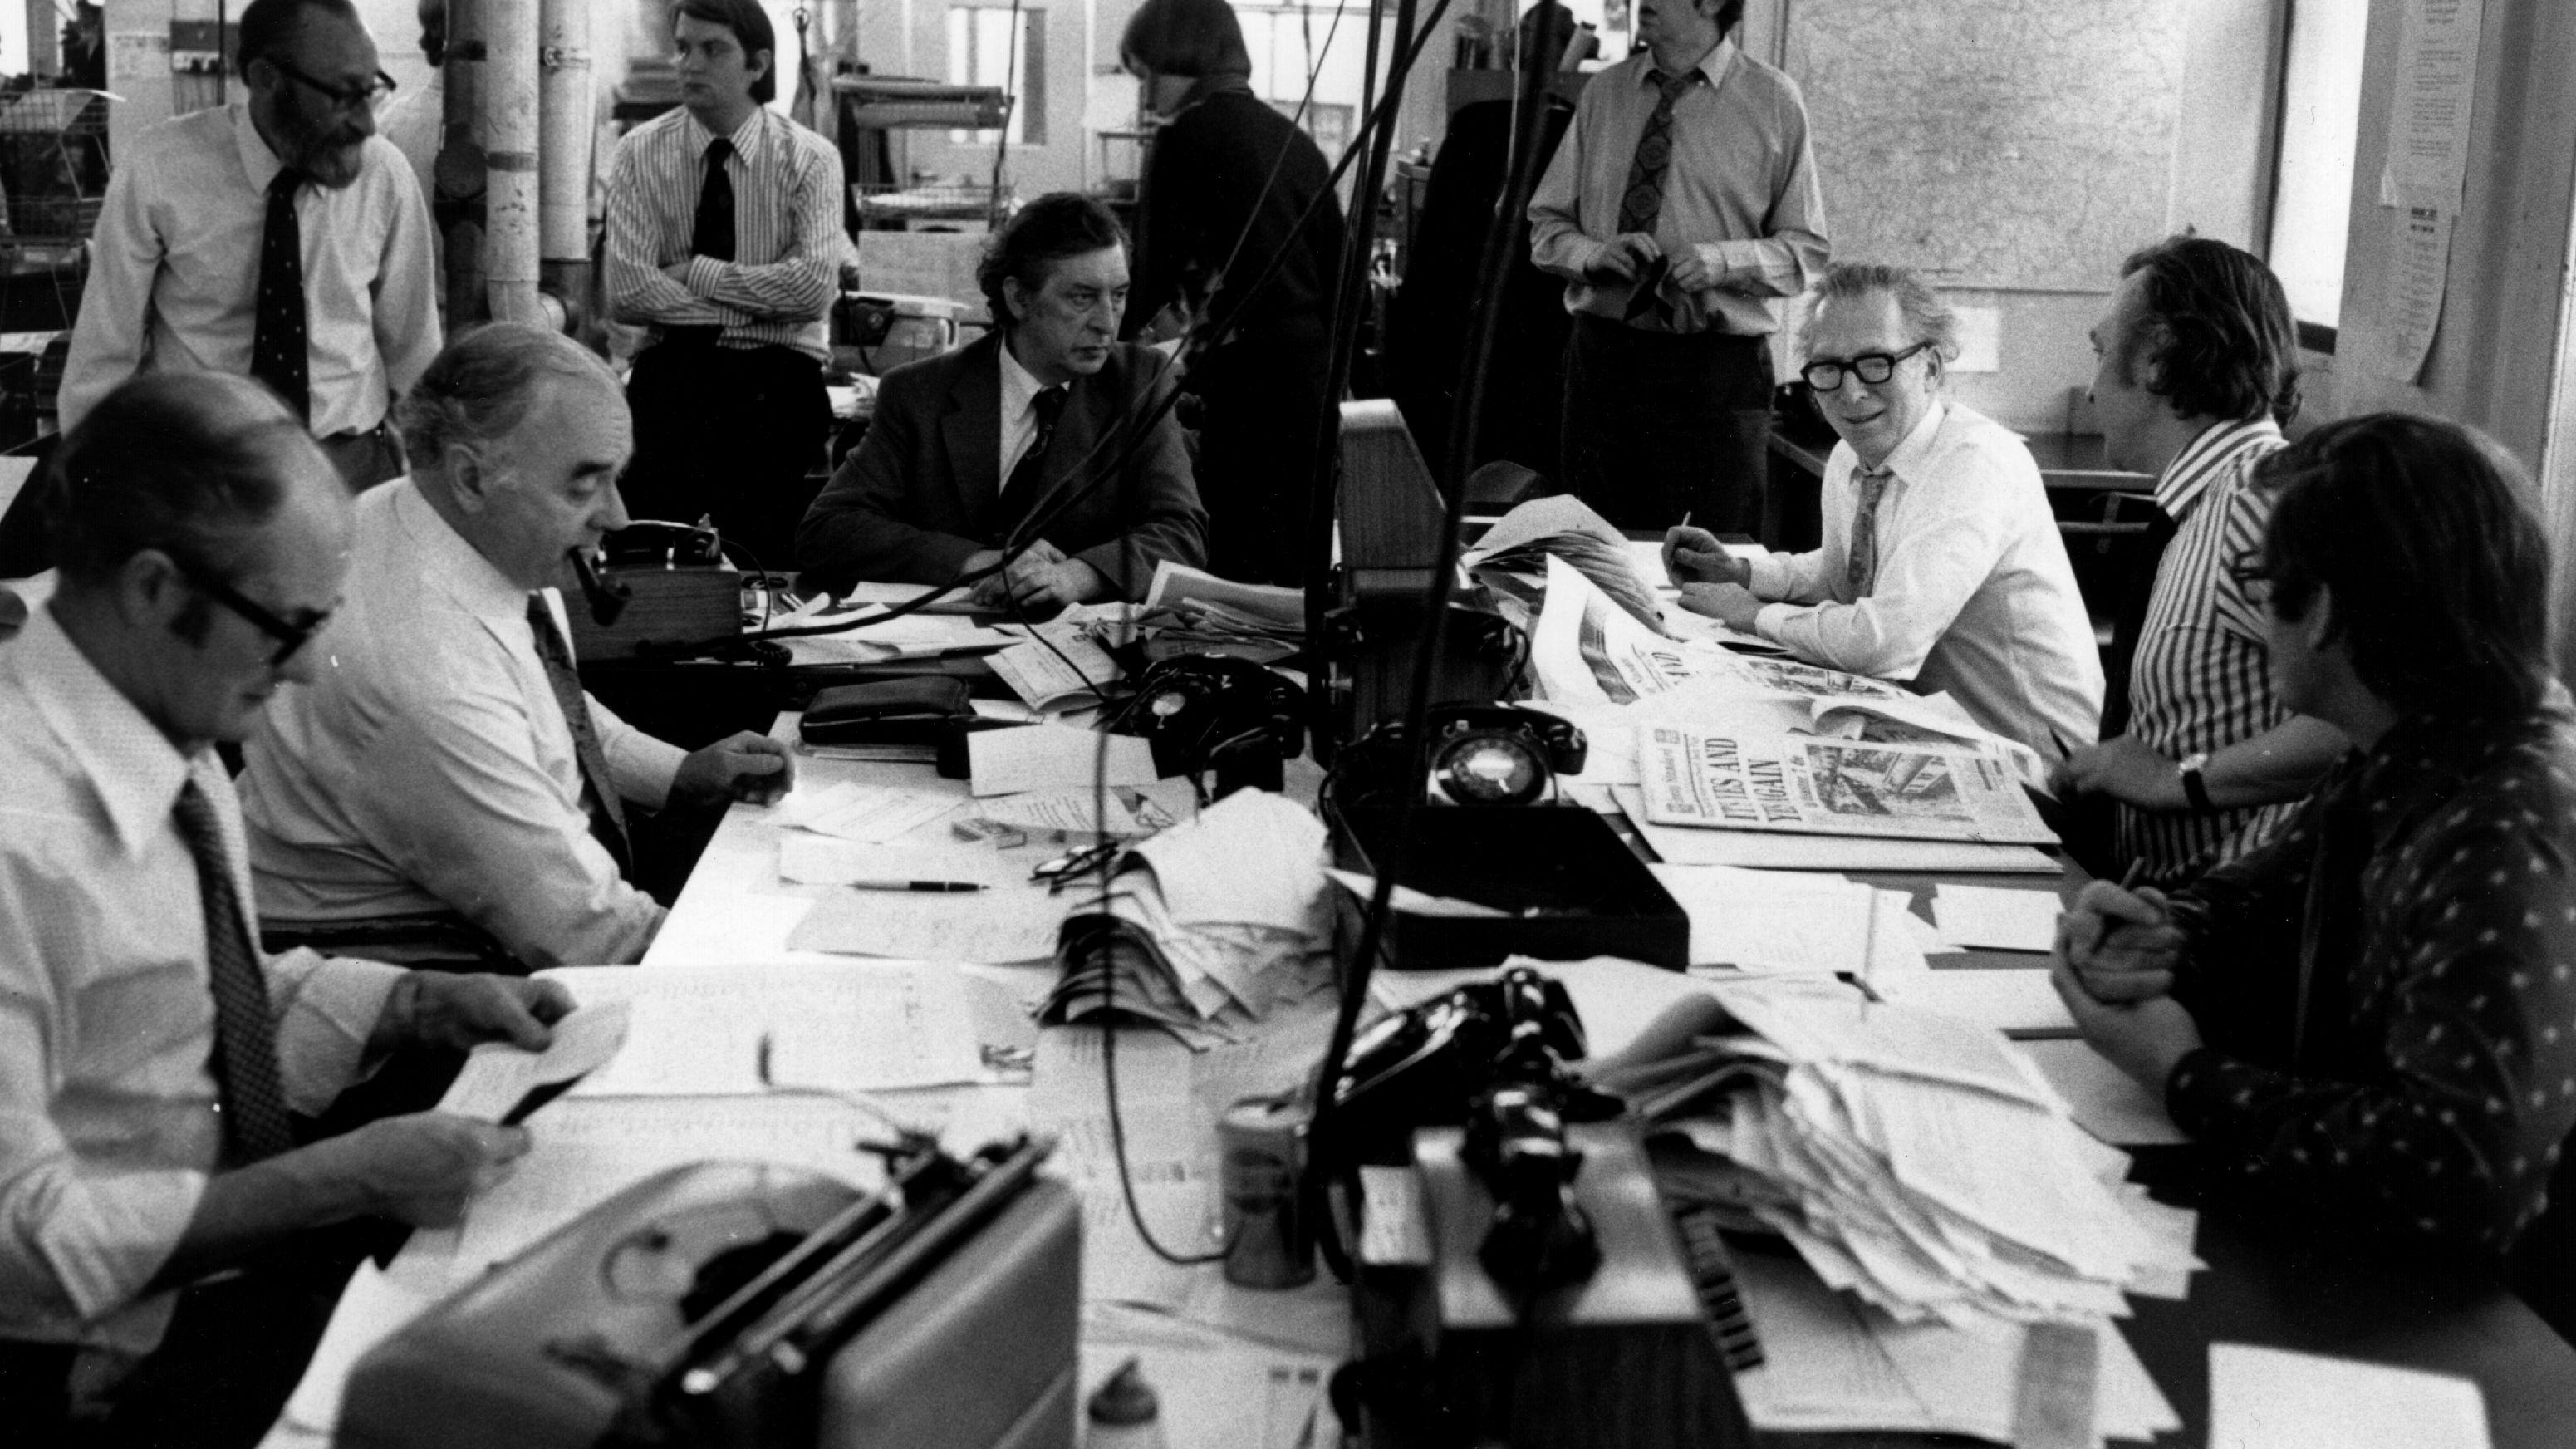 AP通信の自動化担当編集者、「AI記者」で仕事はこう変わる